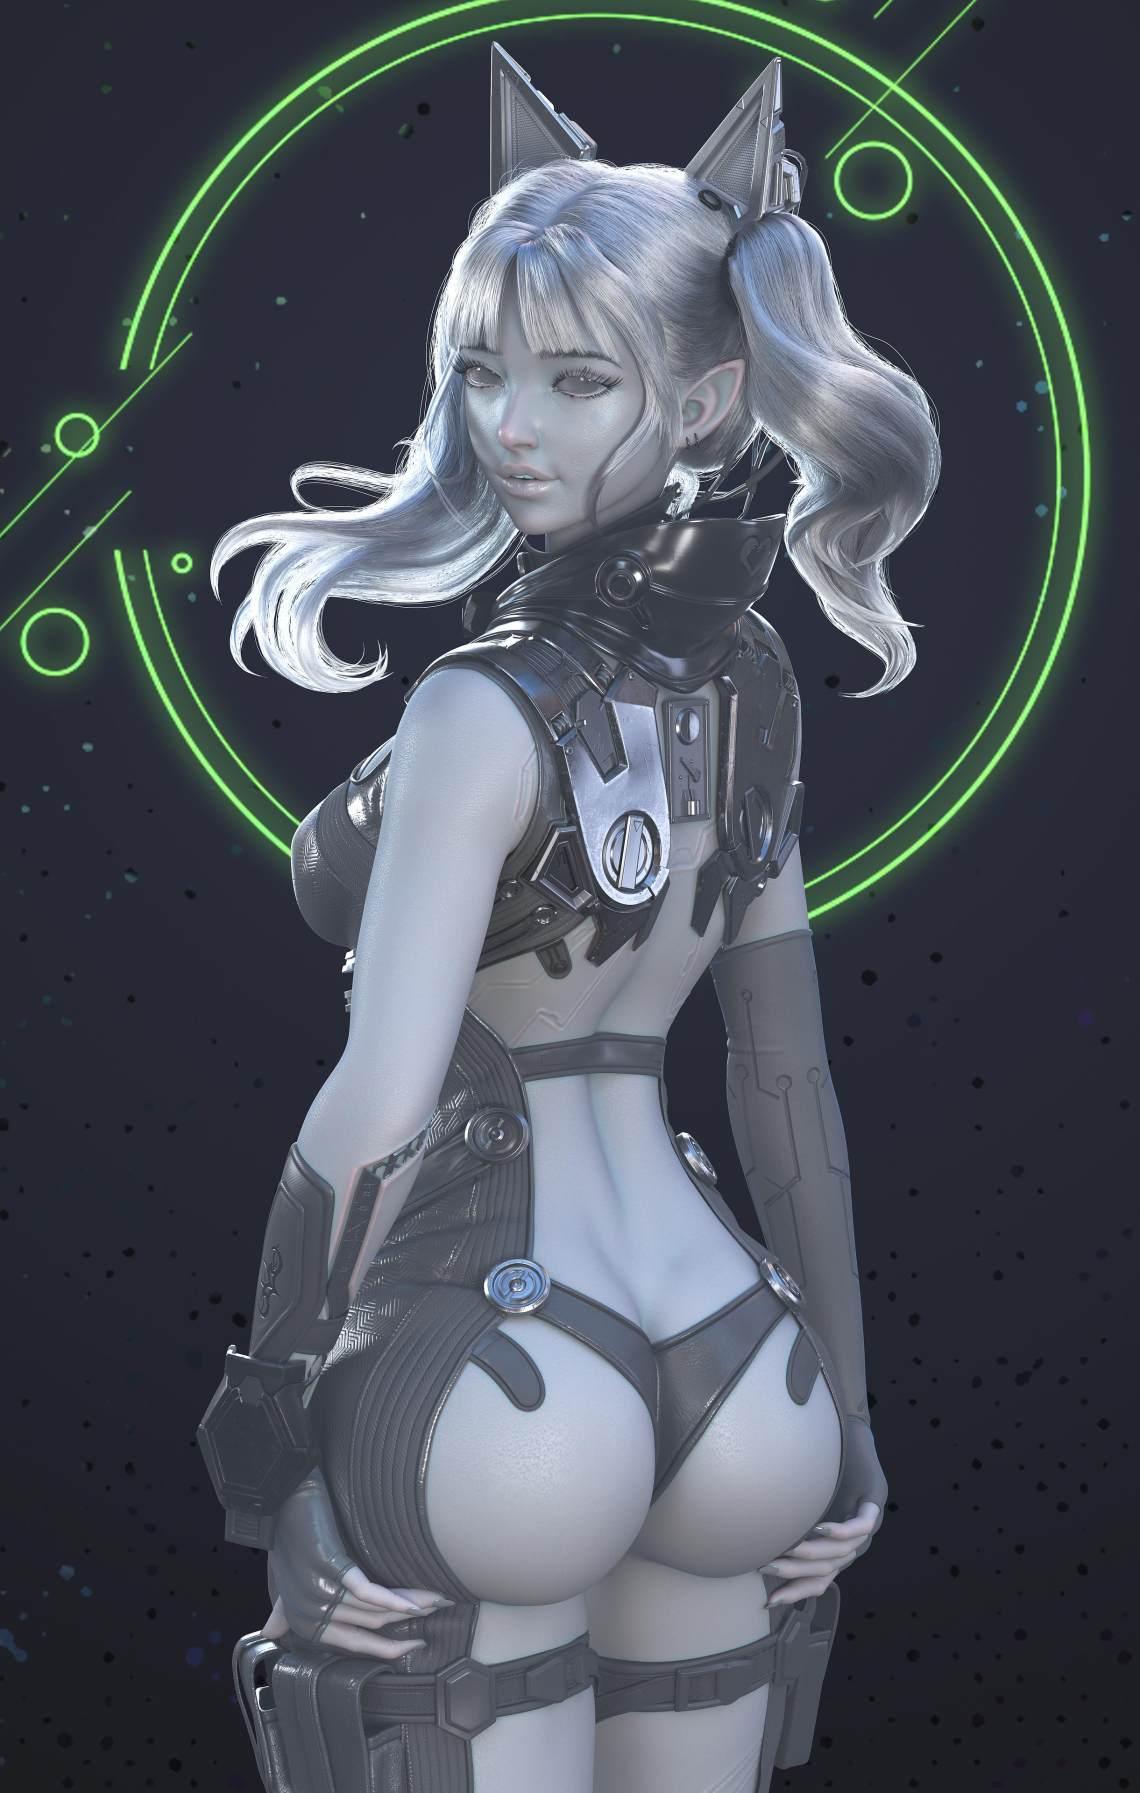 作品:《Cyberpunk Girl》作者:Borfuy